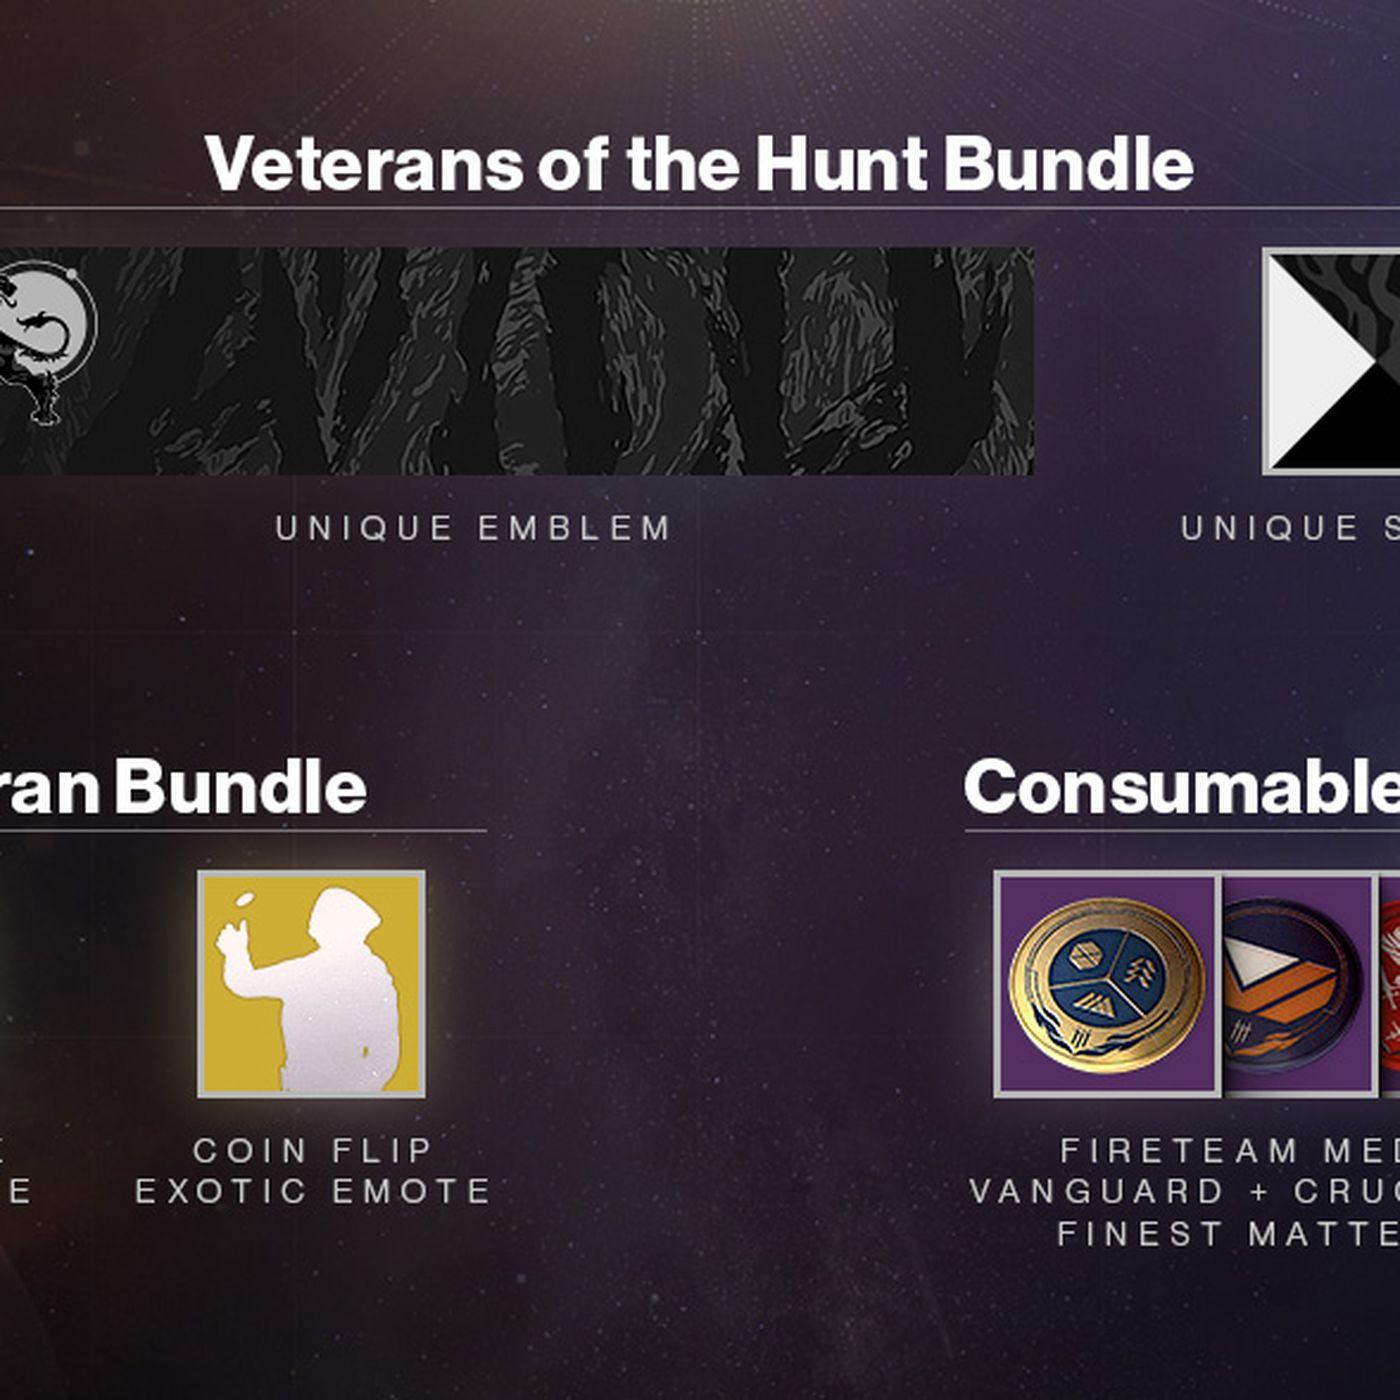 destiny 2 free emblem codes ps4